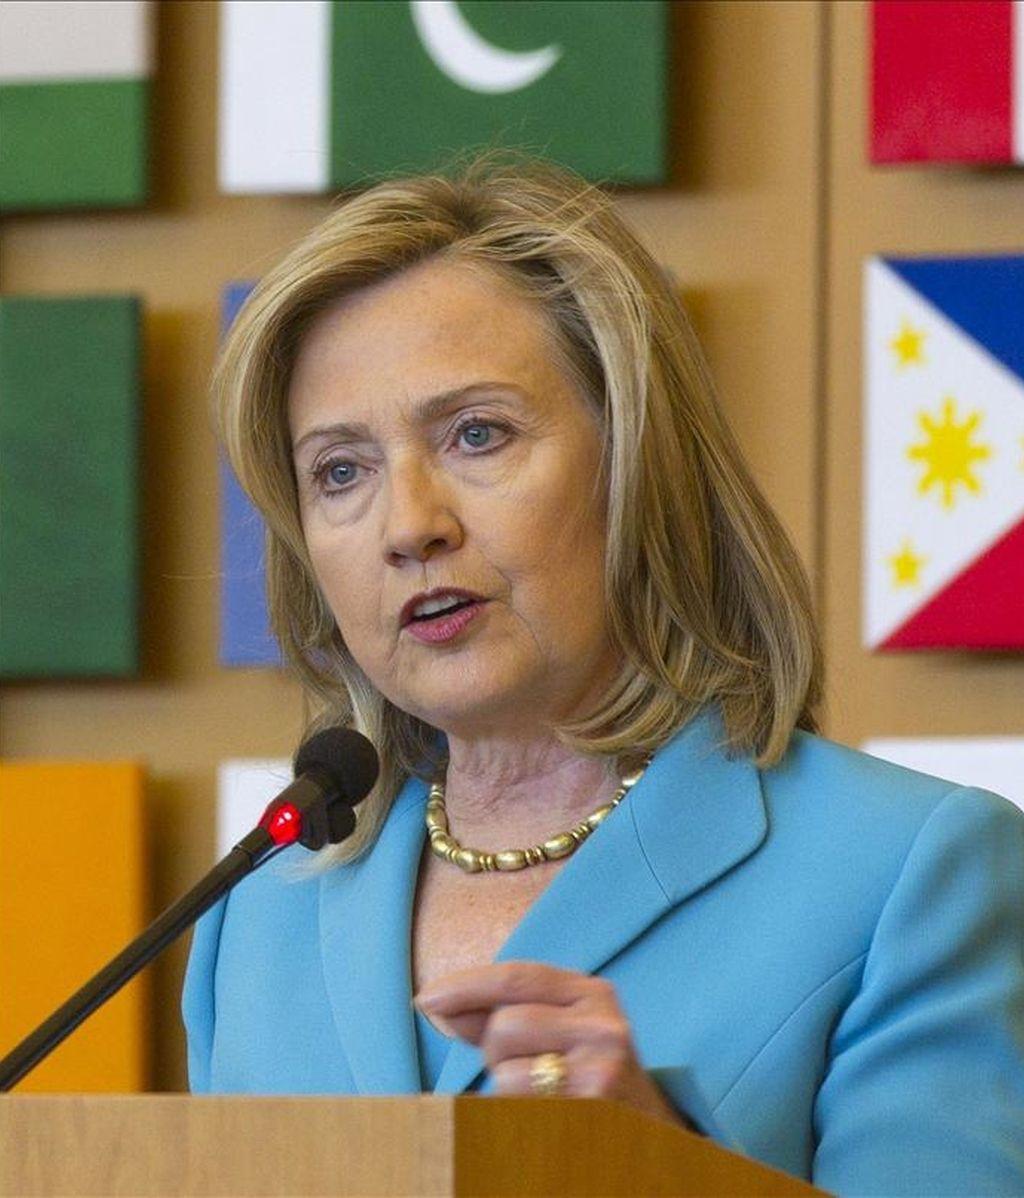 La secretaria de Estado de Estados Unidos, Hillary Clinton, pronuncia hoy un discurso durante su visita a la sede de la Organización de las Naciones Unidas para la Agricultura y la Alimentación (FAO), en Roma, Italia. EFE